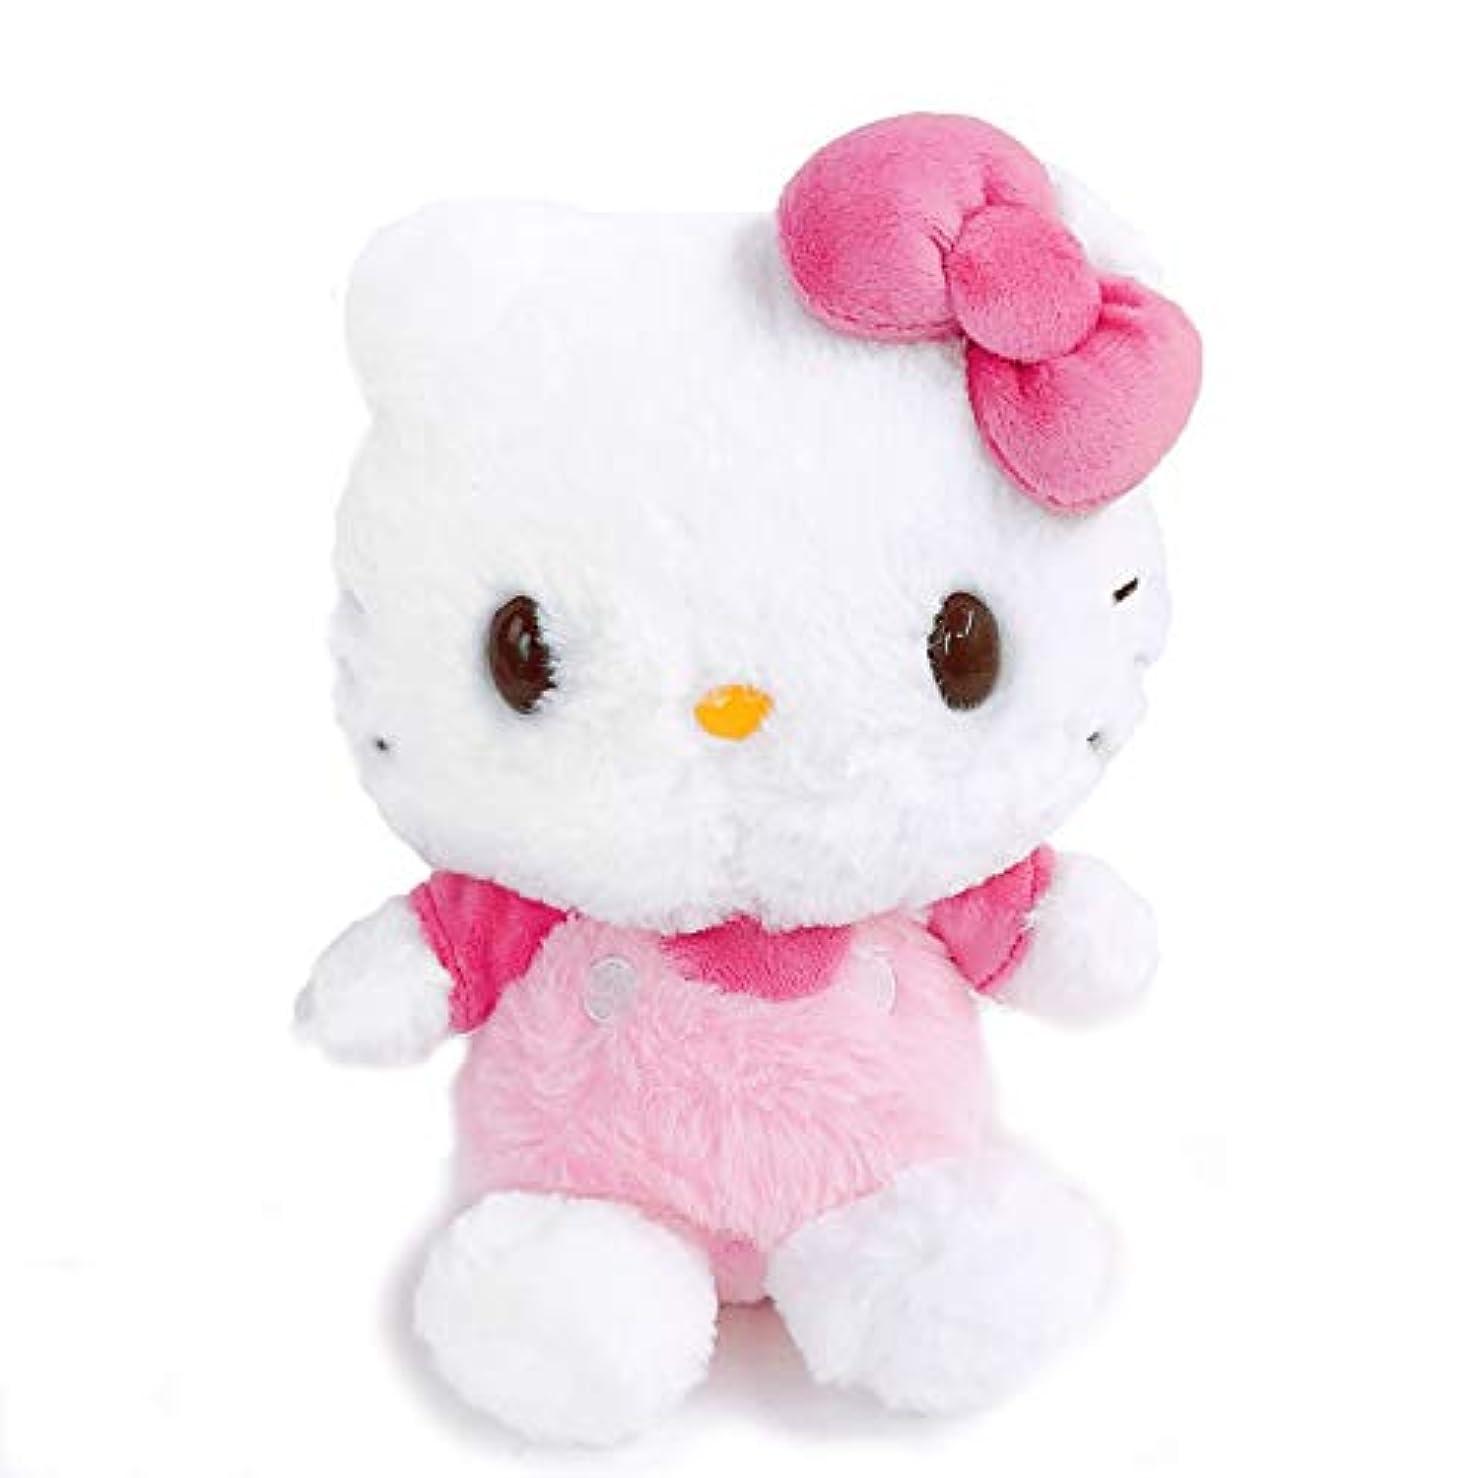 動脈噛む大宇宙ナカジマコーポレーション(Nakajimacorp) ほわほわ ハローキティ S ピンク 19.5cm×16.5cm×11cm Sanrio Hello Kitty ぬいぐるみ 143037-20